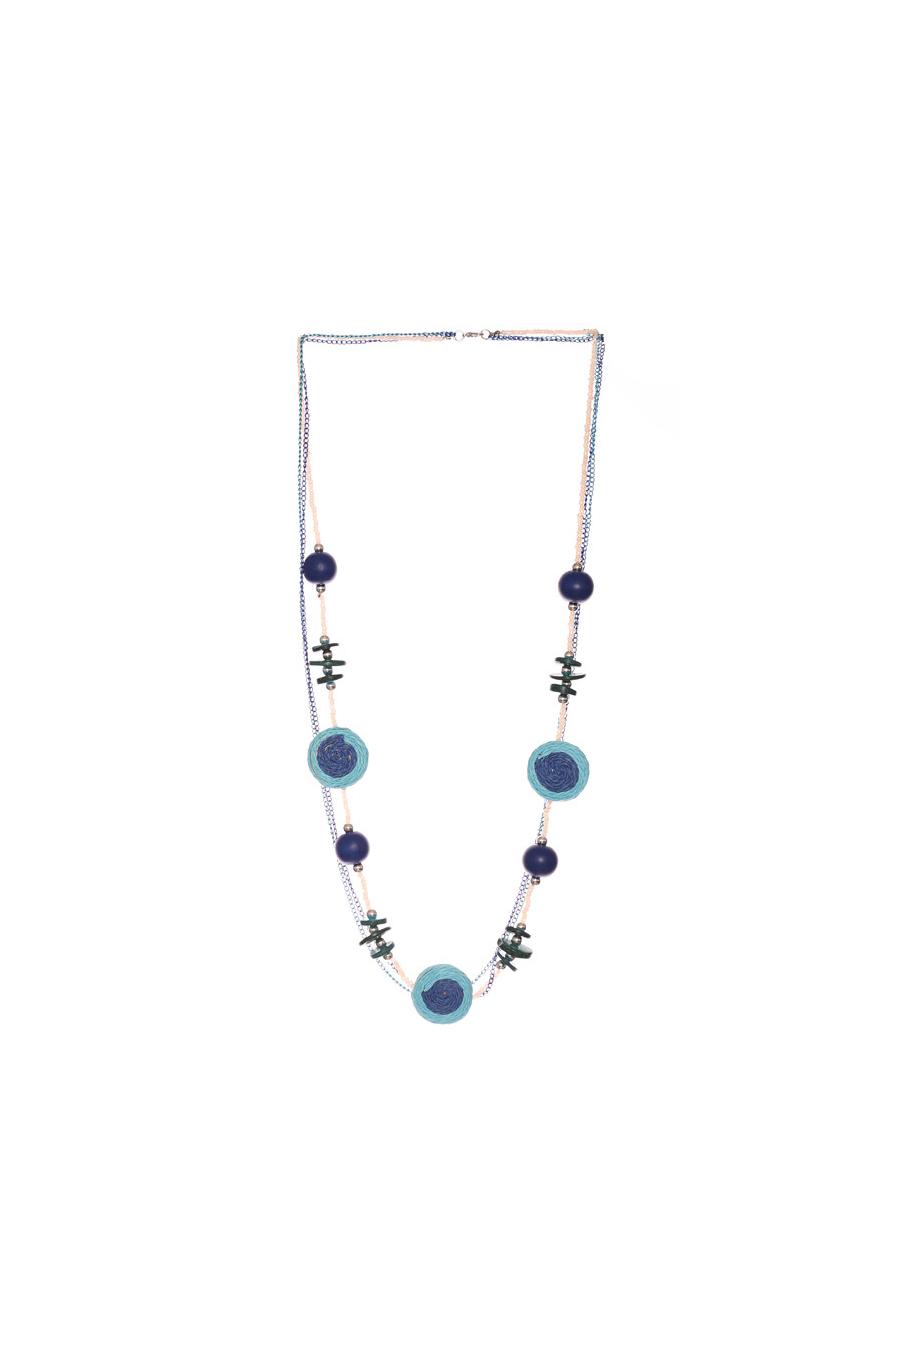 Collier royal pour femme très tendance avec perles. Bijoux femme fashion